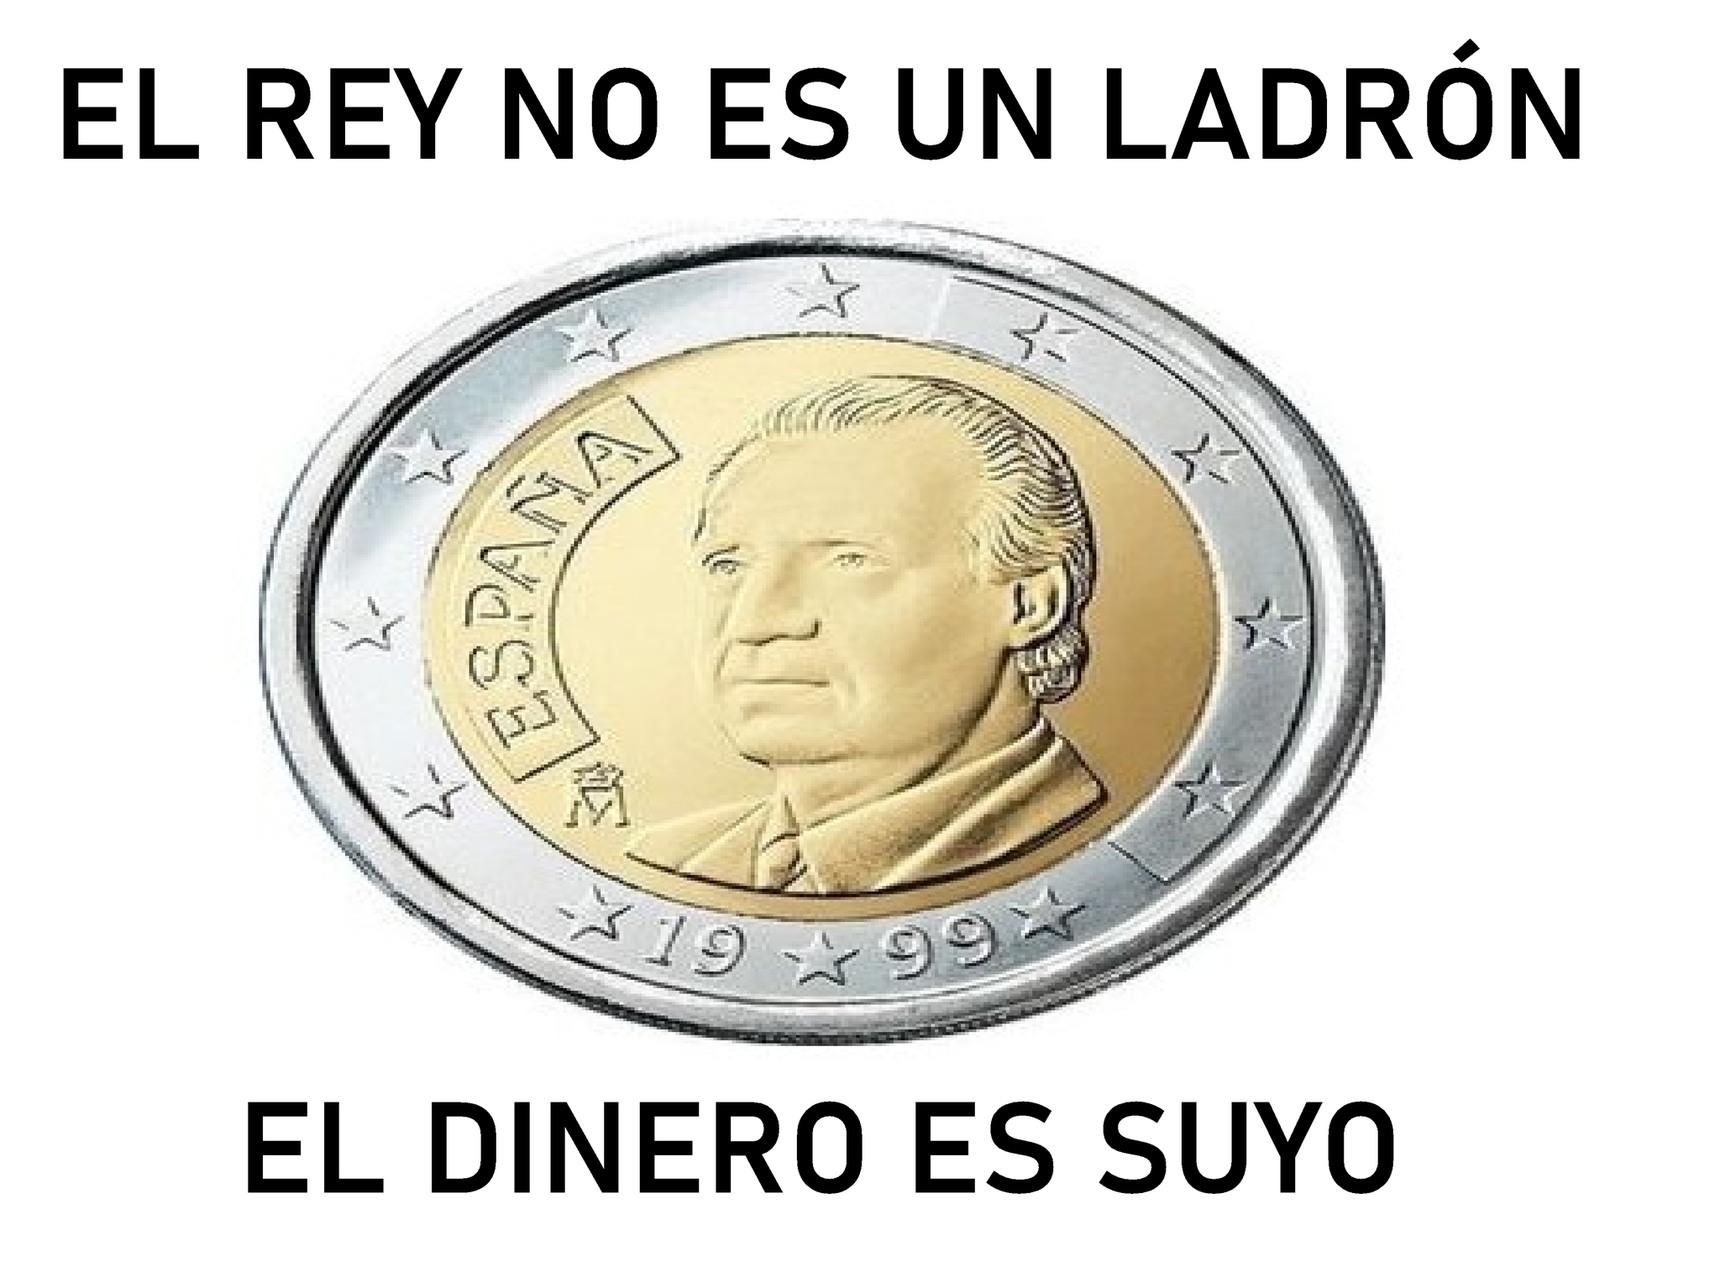 ESPAÑA 1999 JEFE DEL ESTADO DOS EUROS - meme